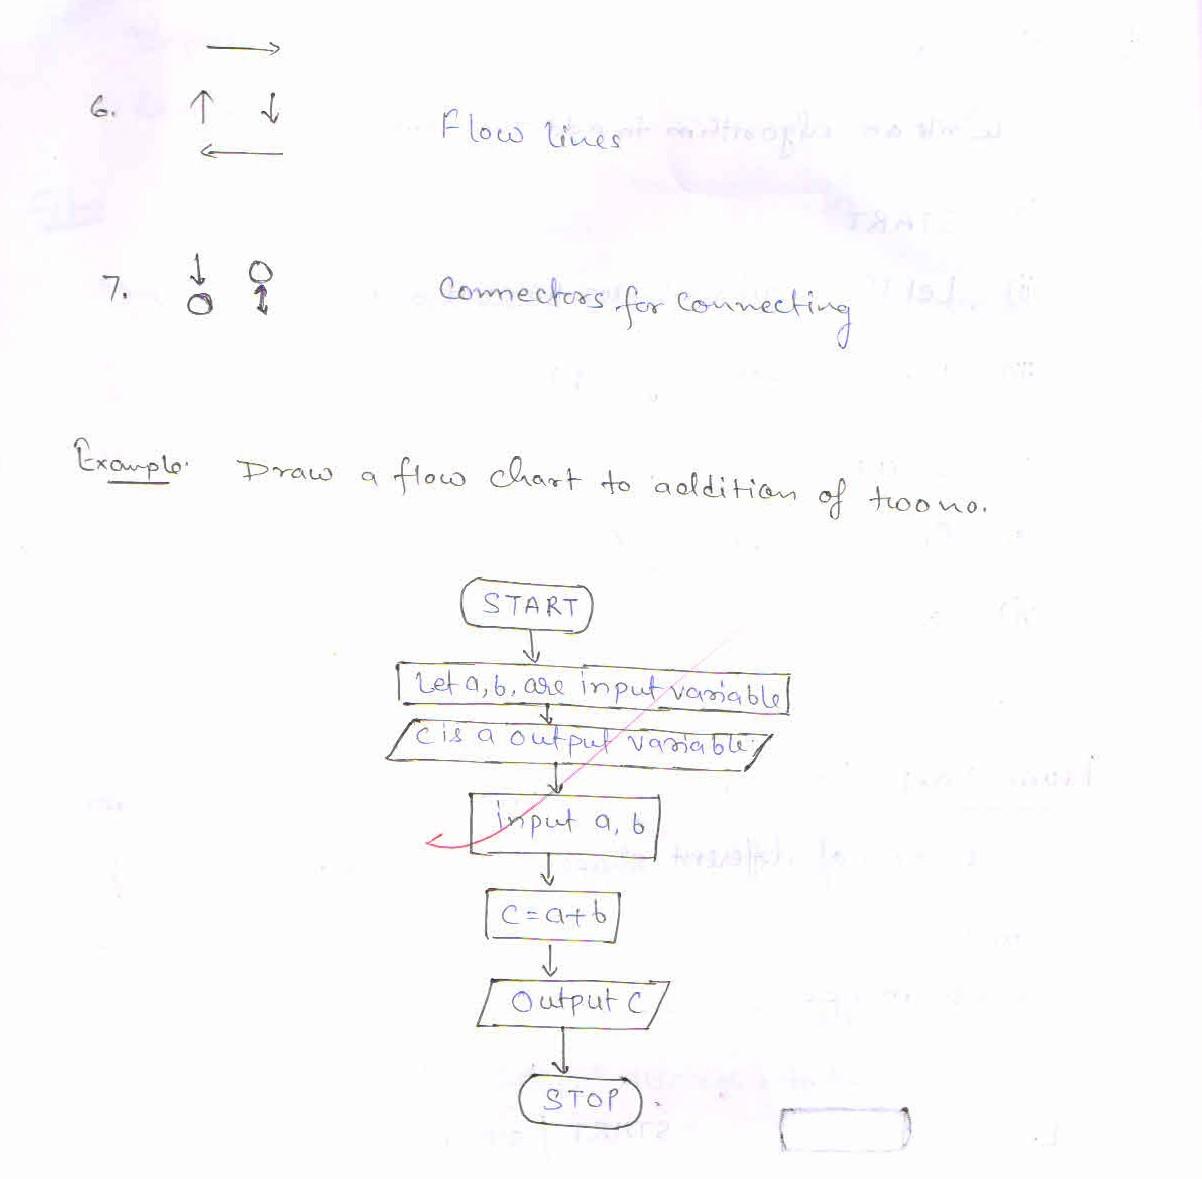 draw a block diagram of a digital computer